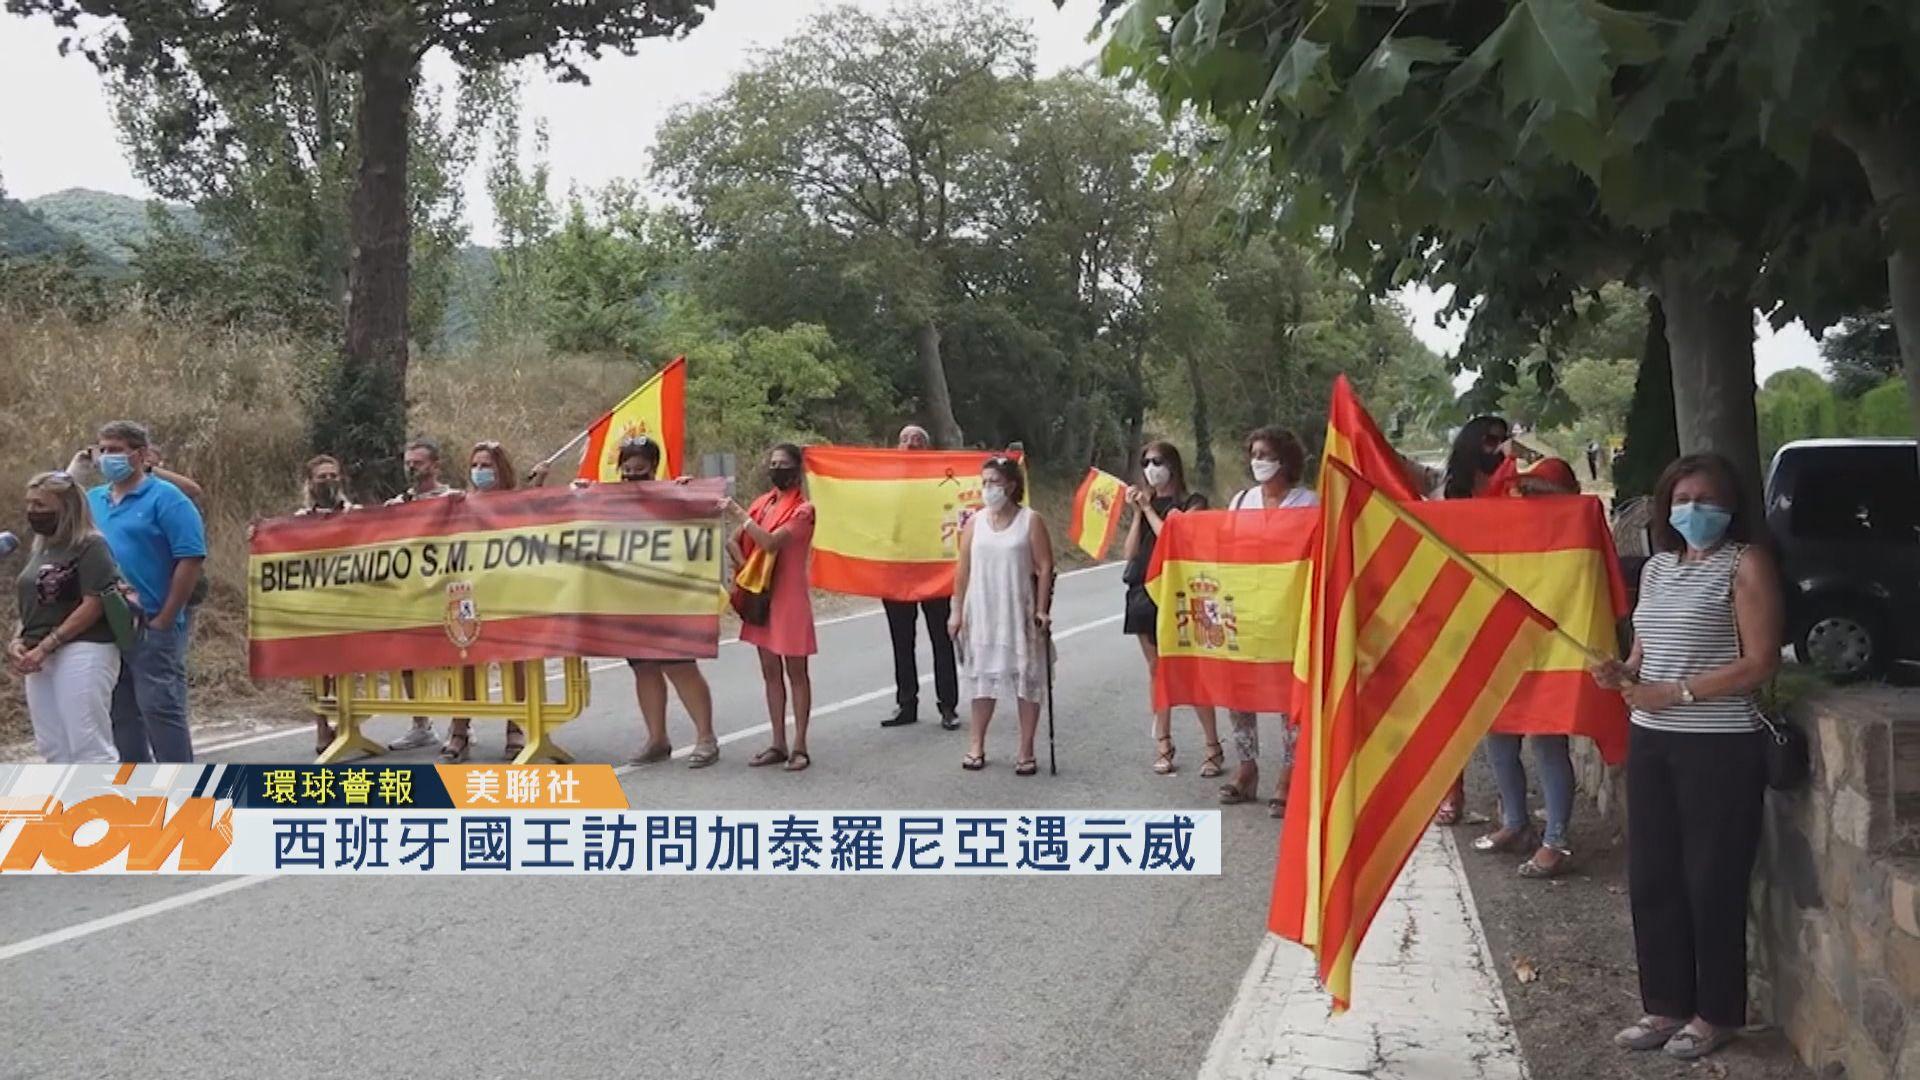 【環球薈報】西班牙國王訪問加泰羅尼亞遇示威